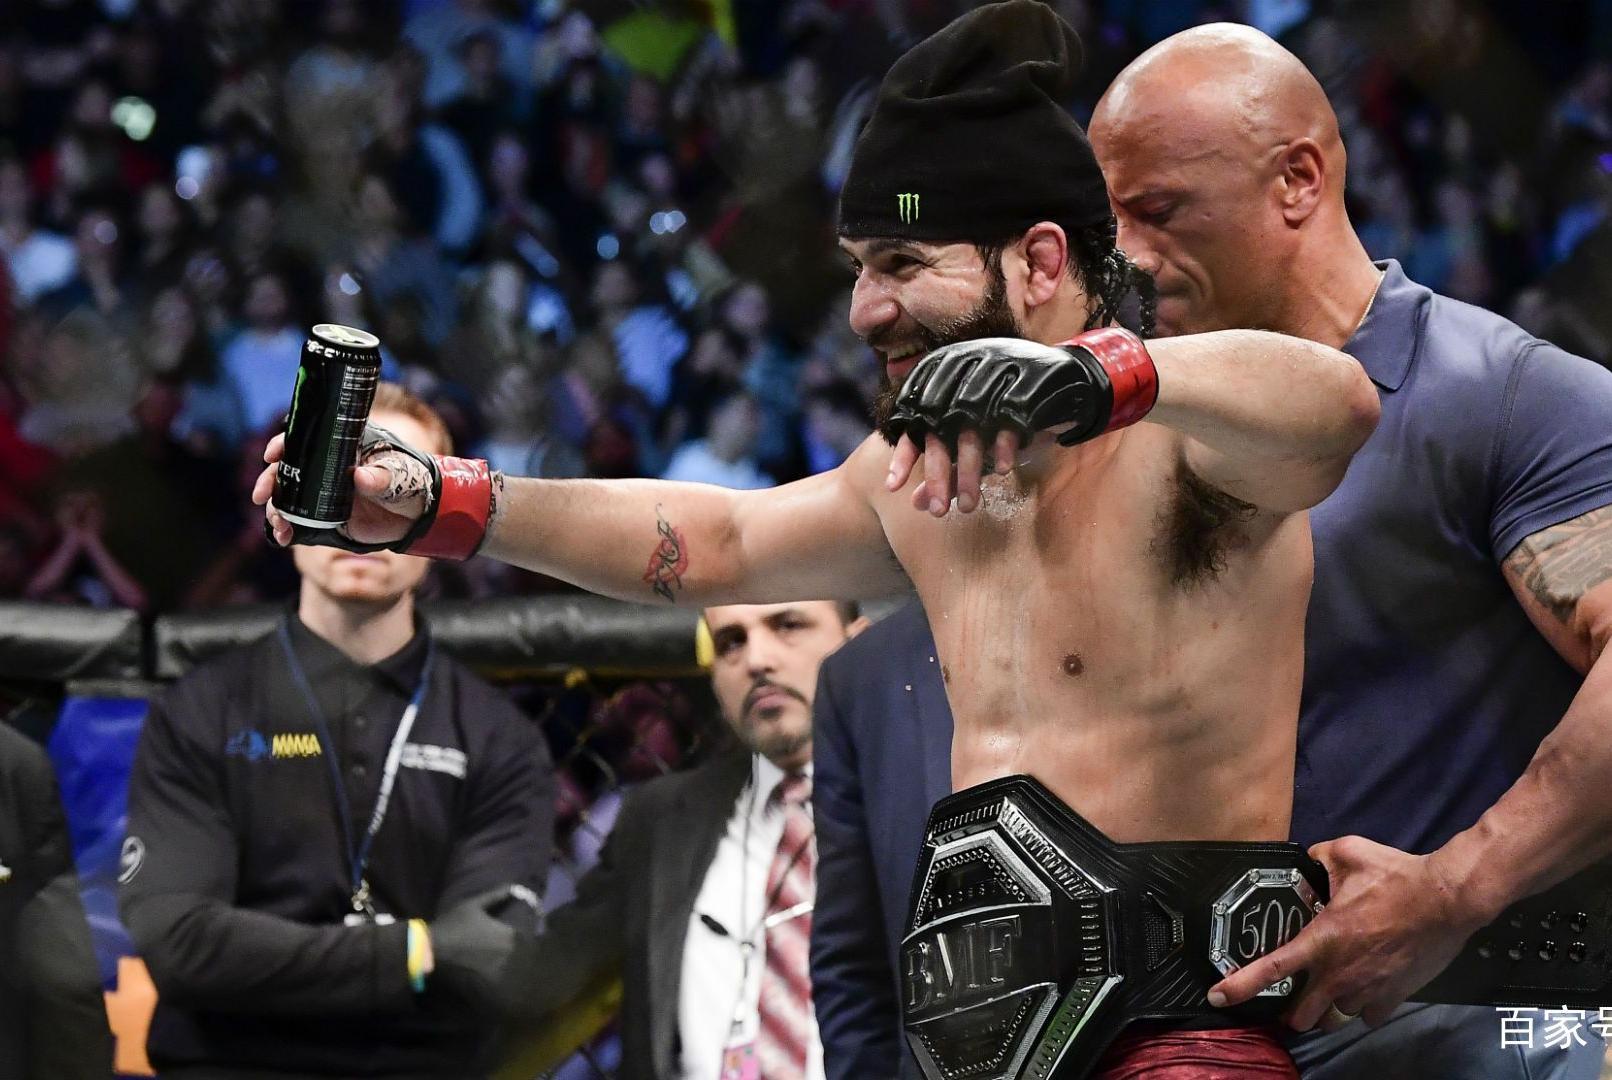 中量级拳王戈洛夫金,偶遇UFC明星马斯维达尔,两人相谈甚欢!